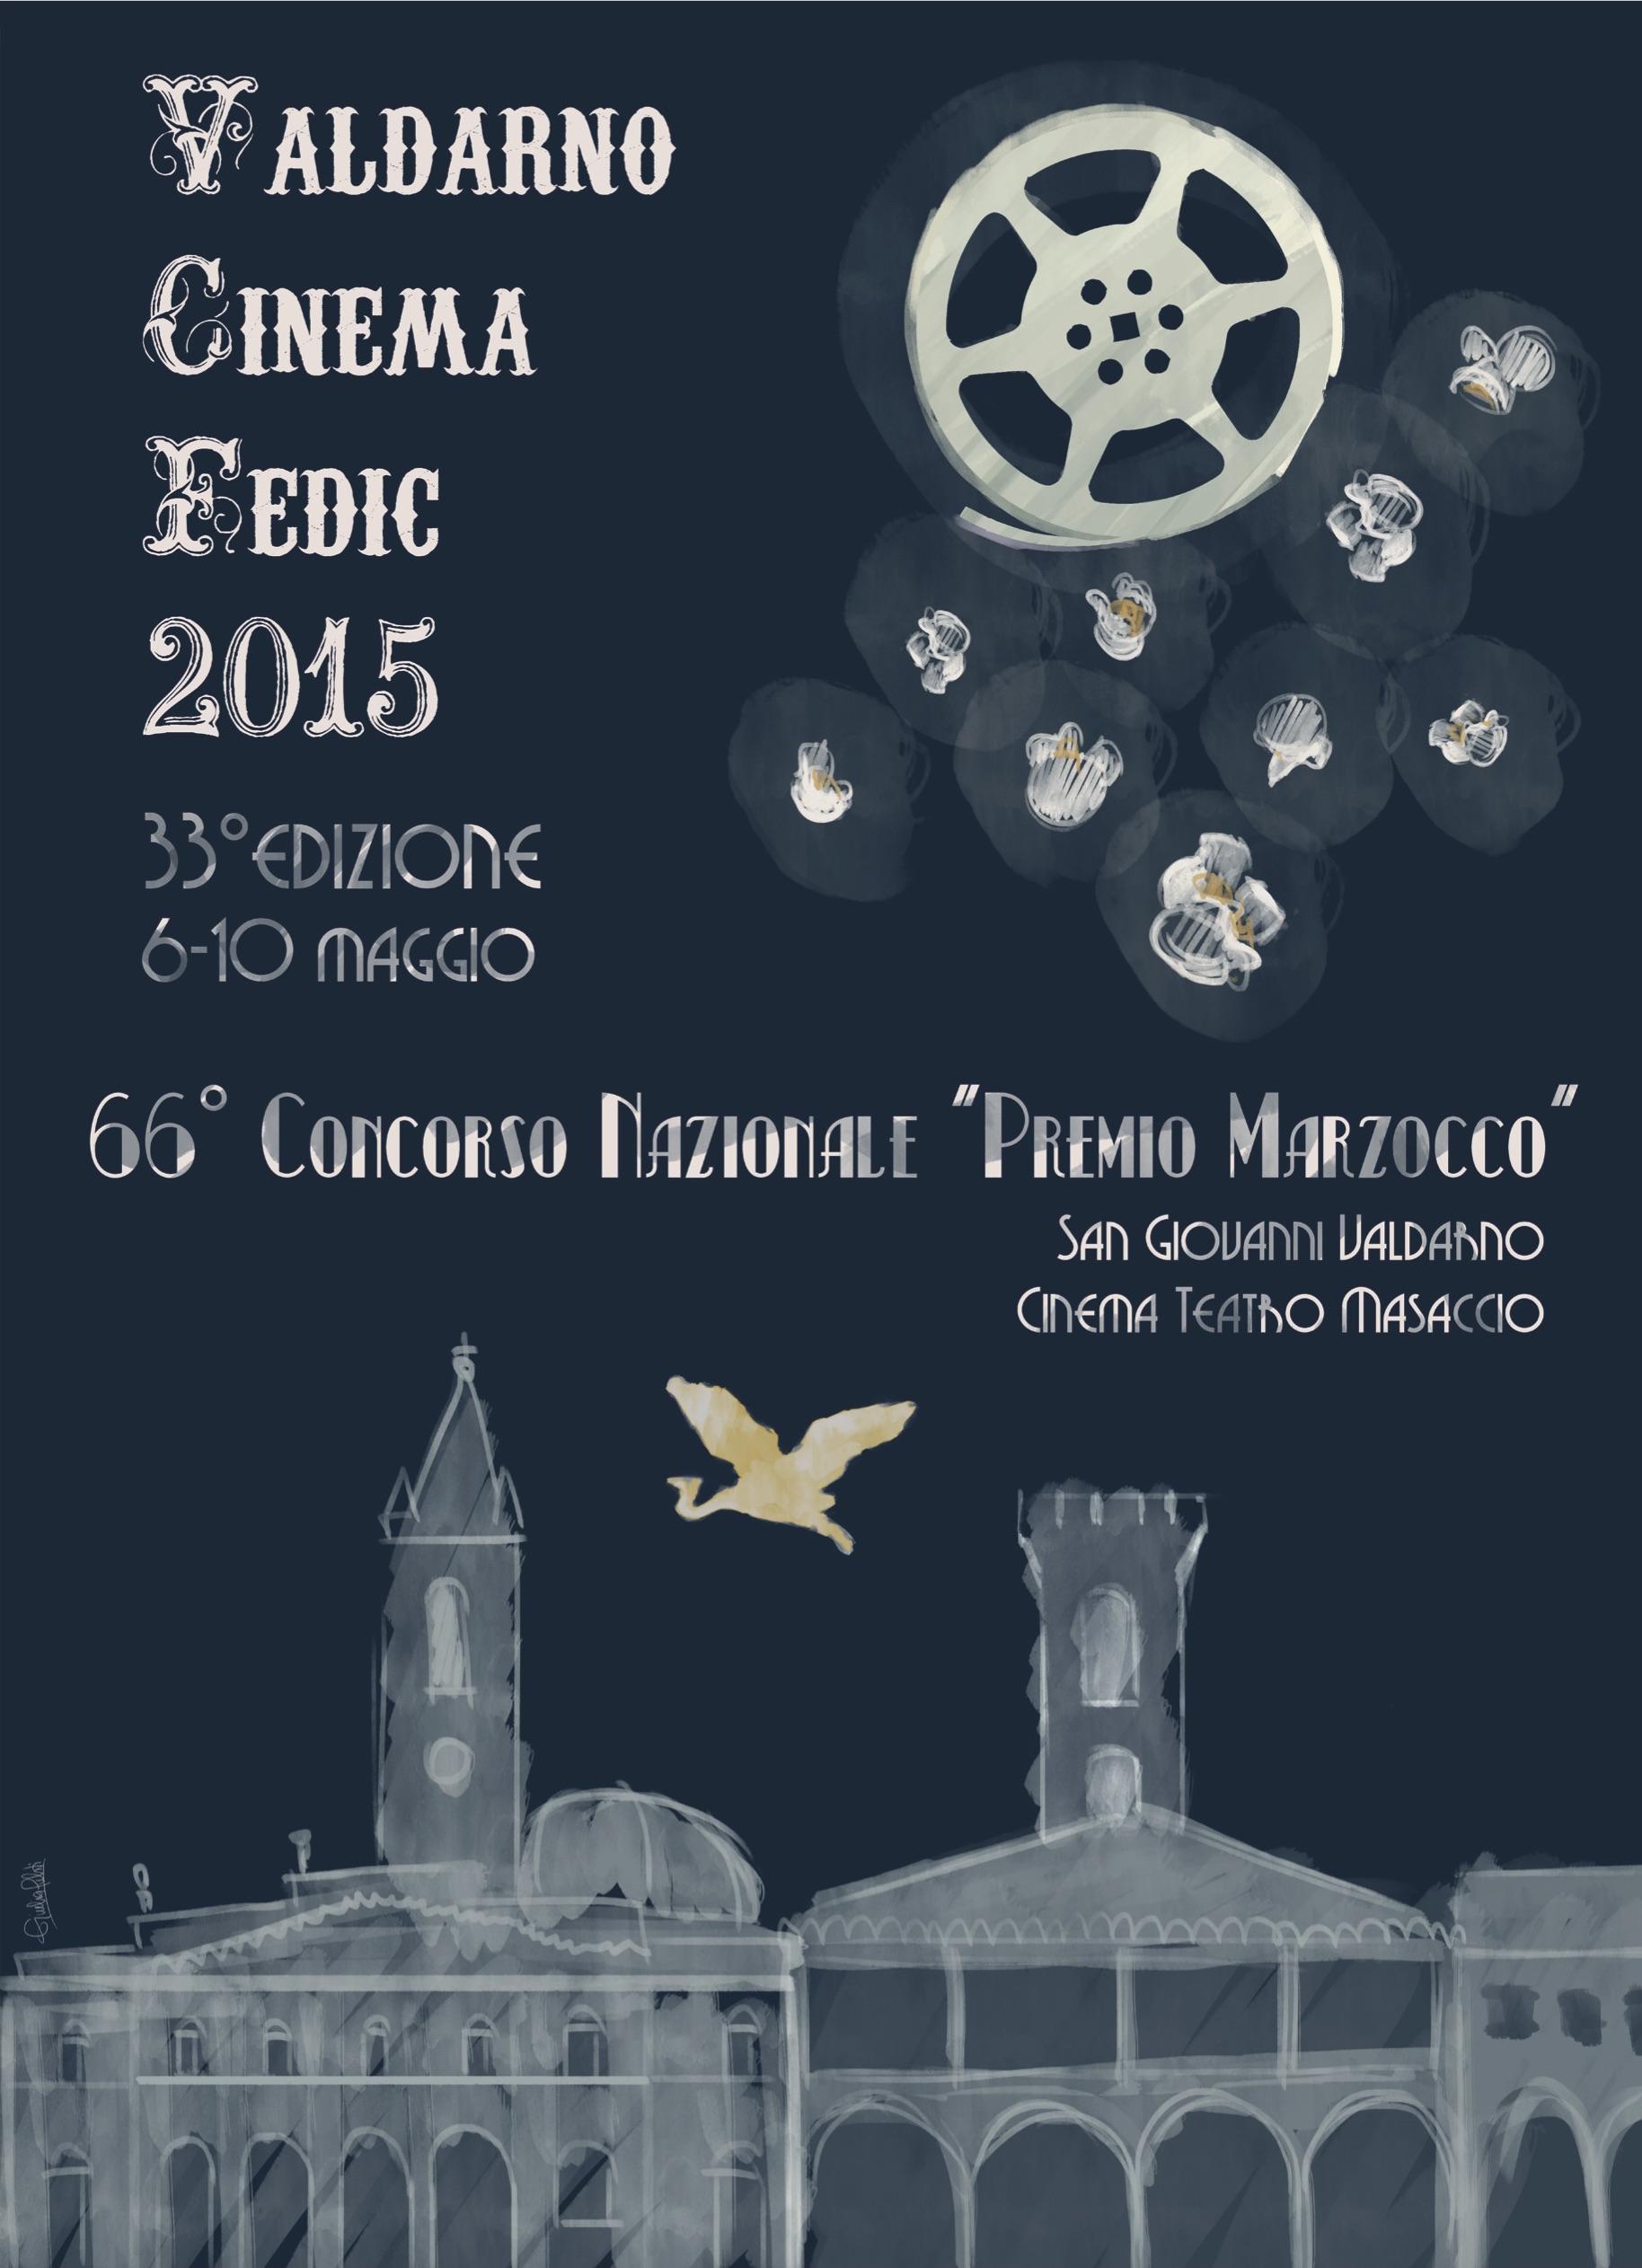 Tutto pronto per la XXXIII Edizione del Valdarno Cinema Fedic